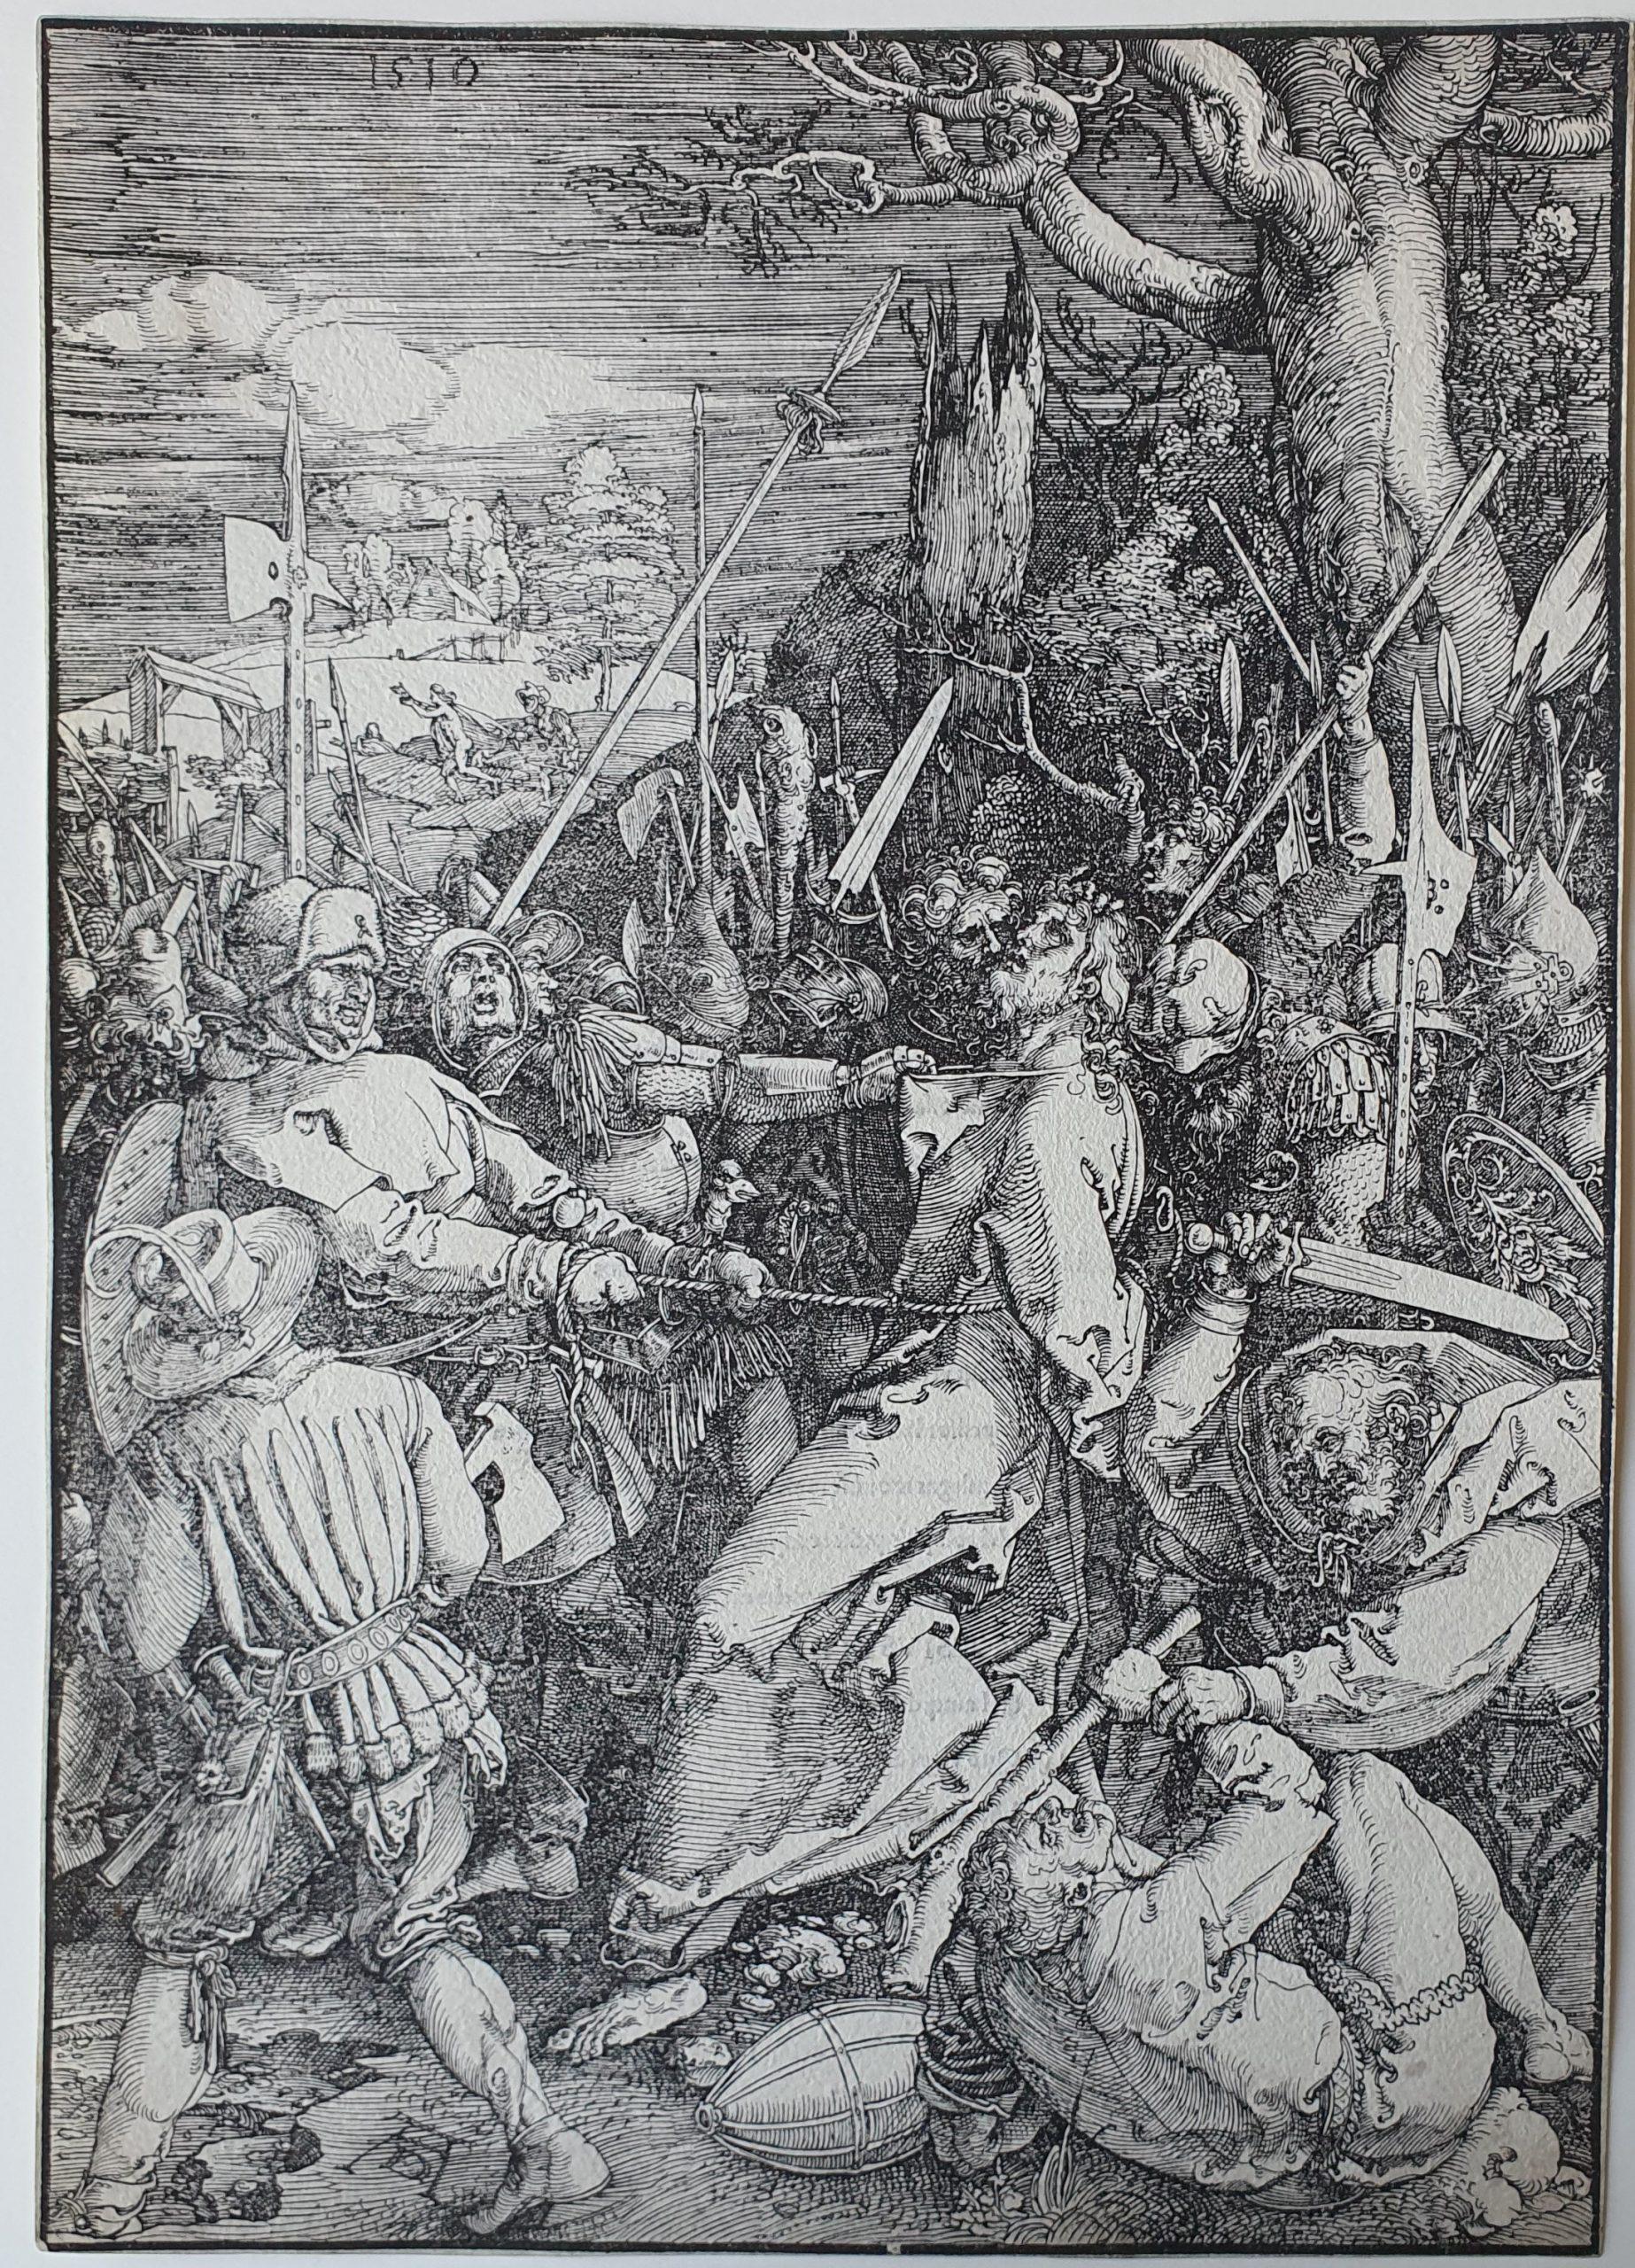 The Betrayal of Christ by Albrecht Durer